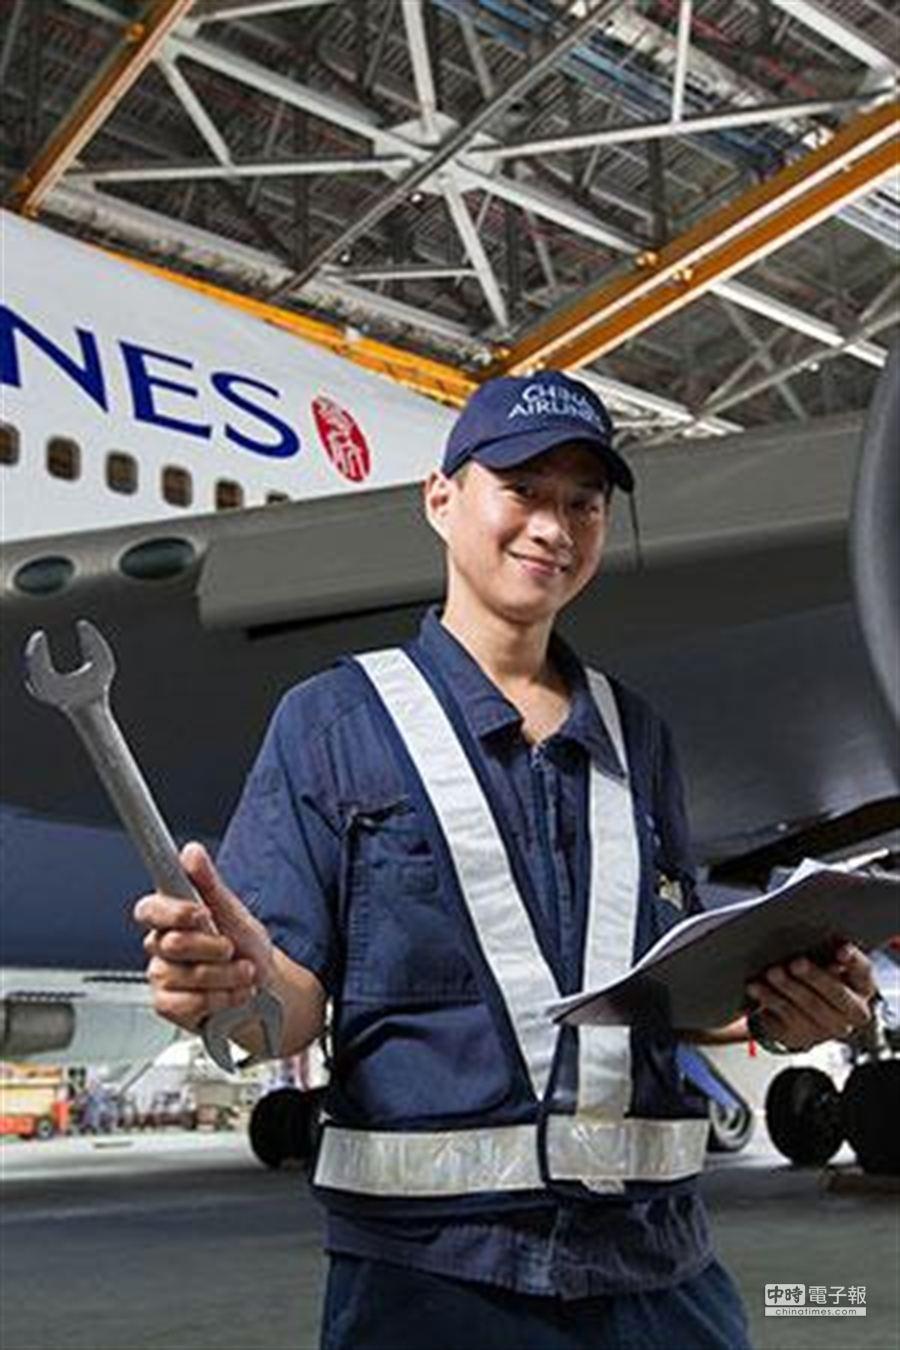 目前擔任華航飛機修護技術員的段任唐。